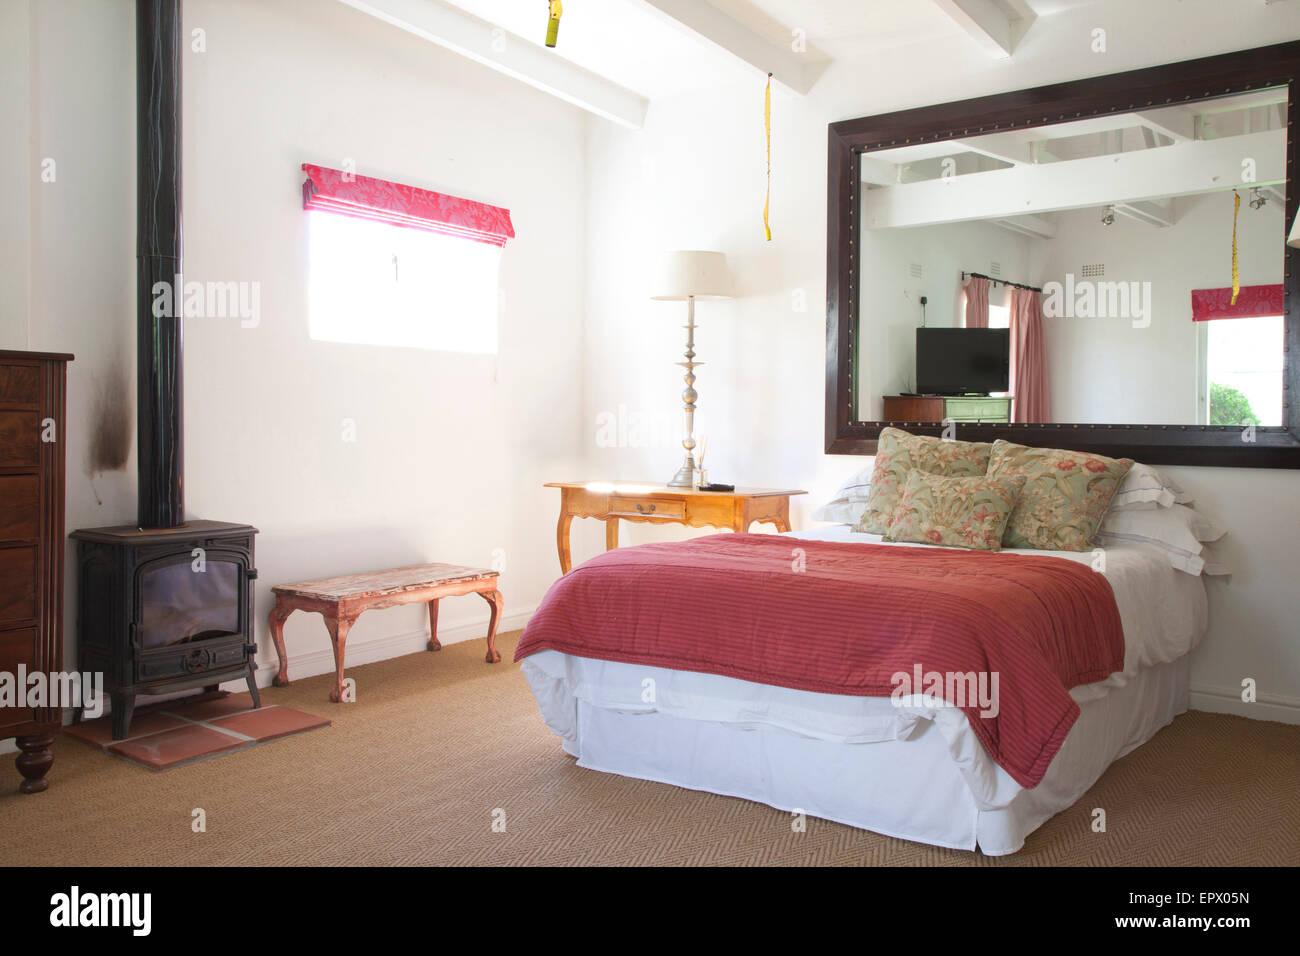 Schlafzimmer mit rose rosa Bettwäsche, Sisal Teppichboden ...